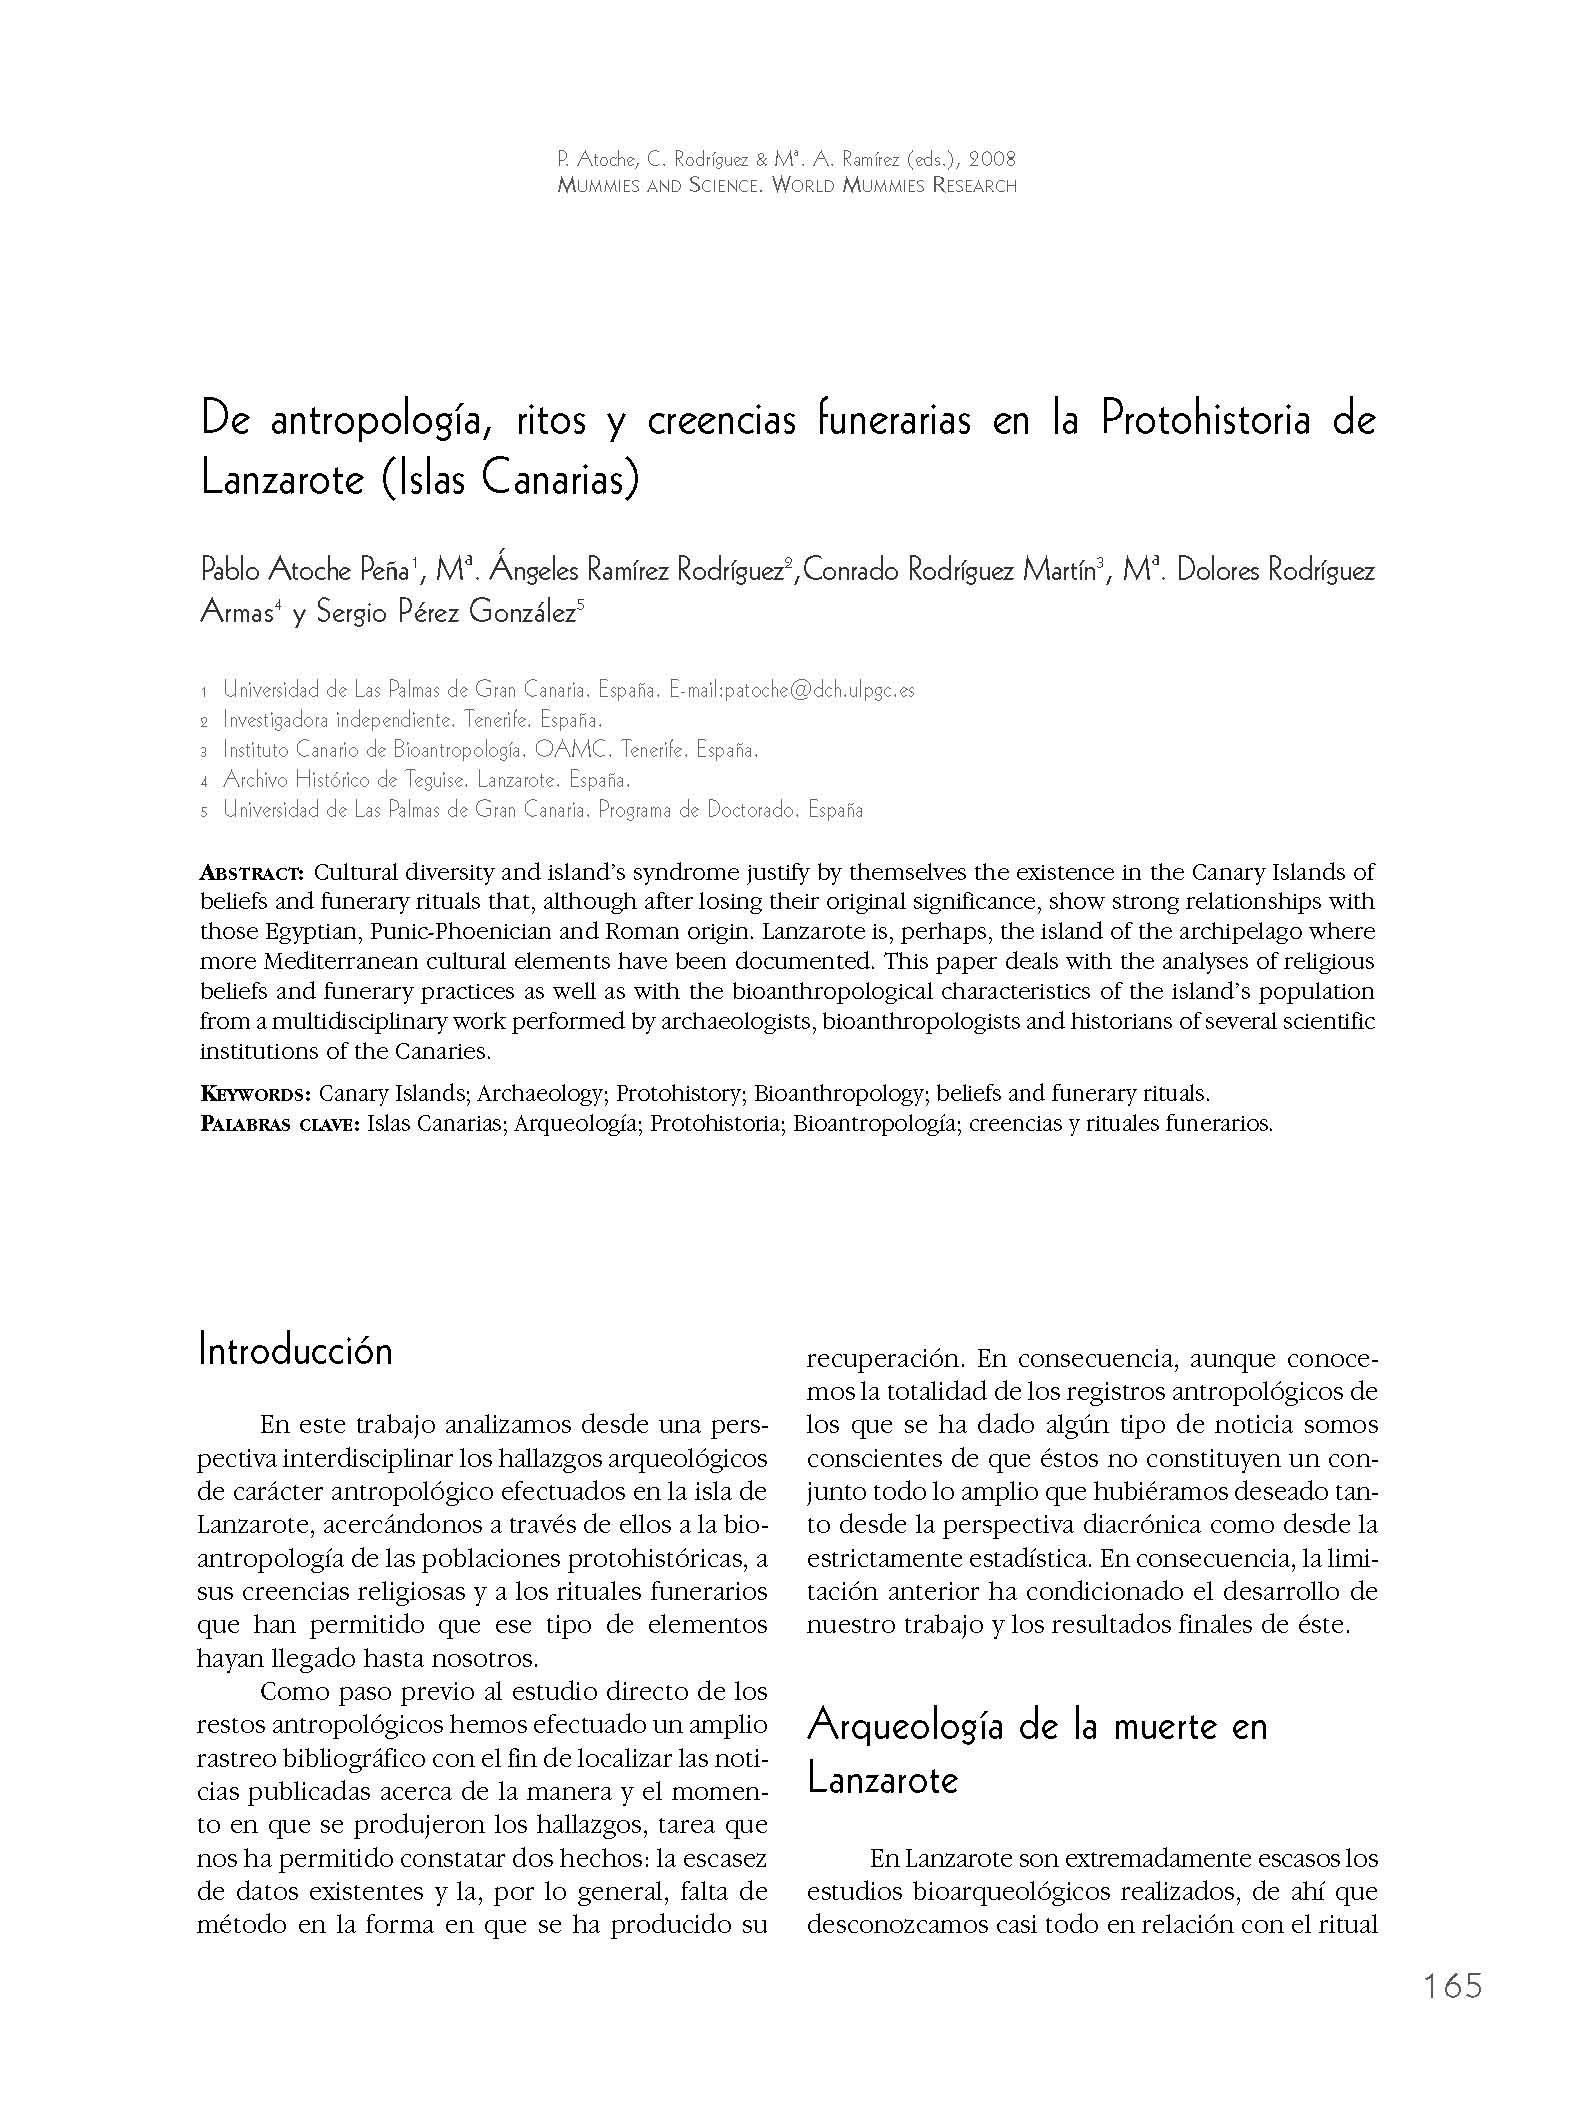 De antropología, ritos y creencias en la Protohistoria de Lanzarote (Islas Canarias)